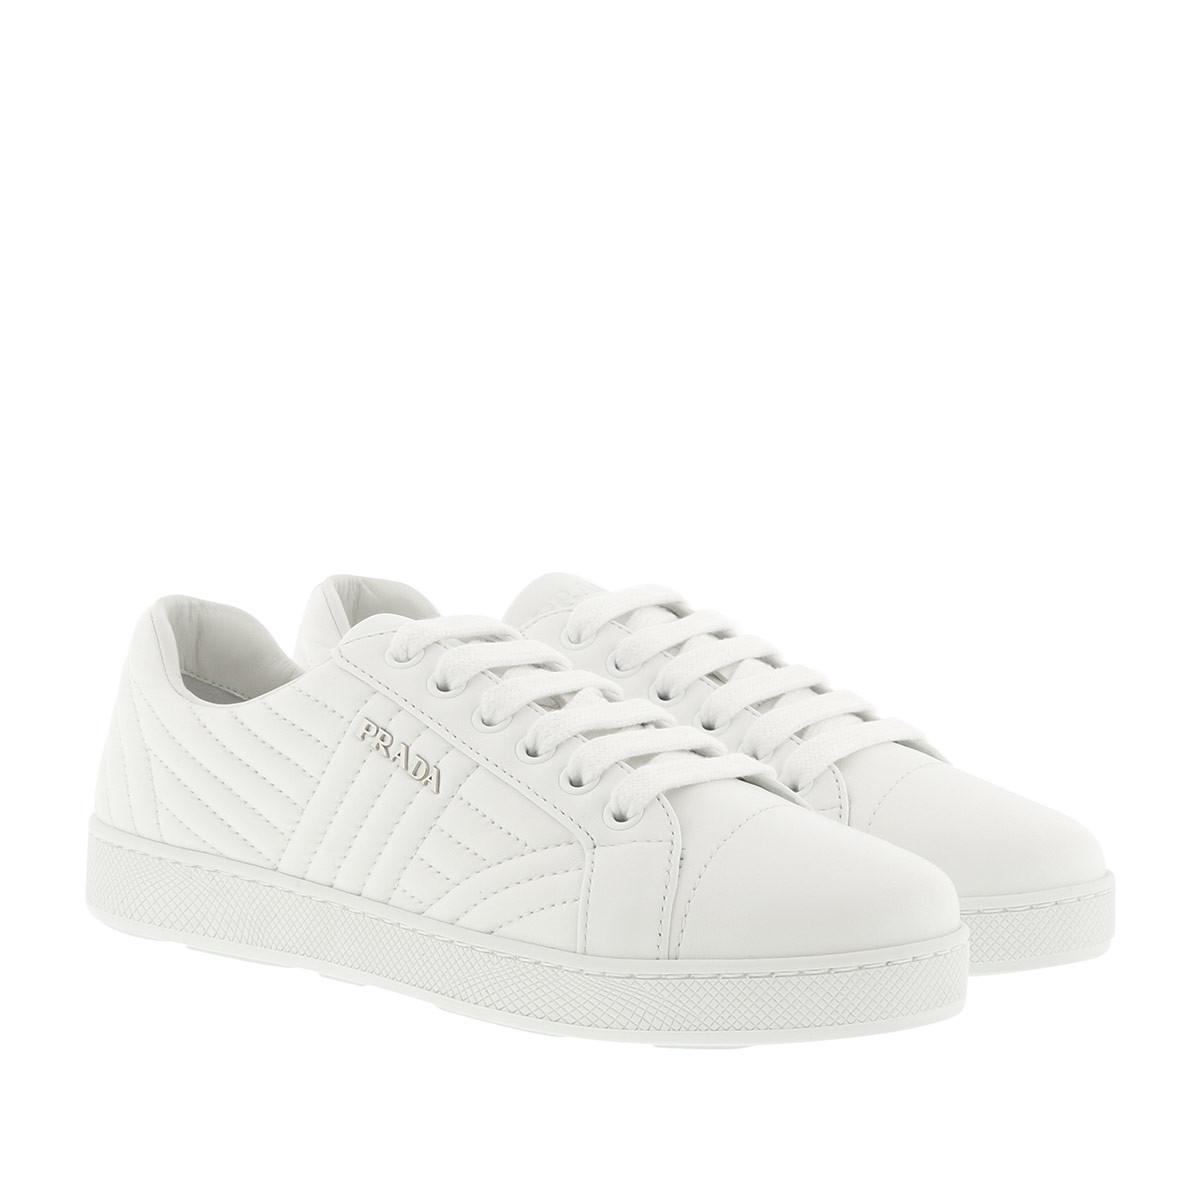 Chaussures De Sport - Chaussures De Sport Matelassée Avec Logo En Cuir Blanc - Chaussures De Sport Pour Dames Prada - Blanc HTSER